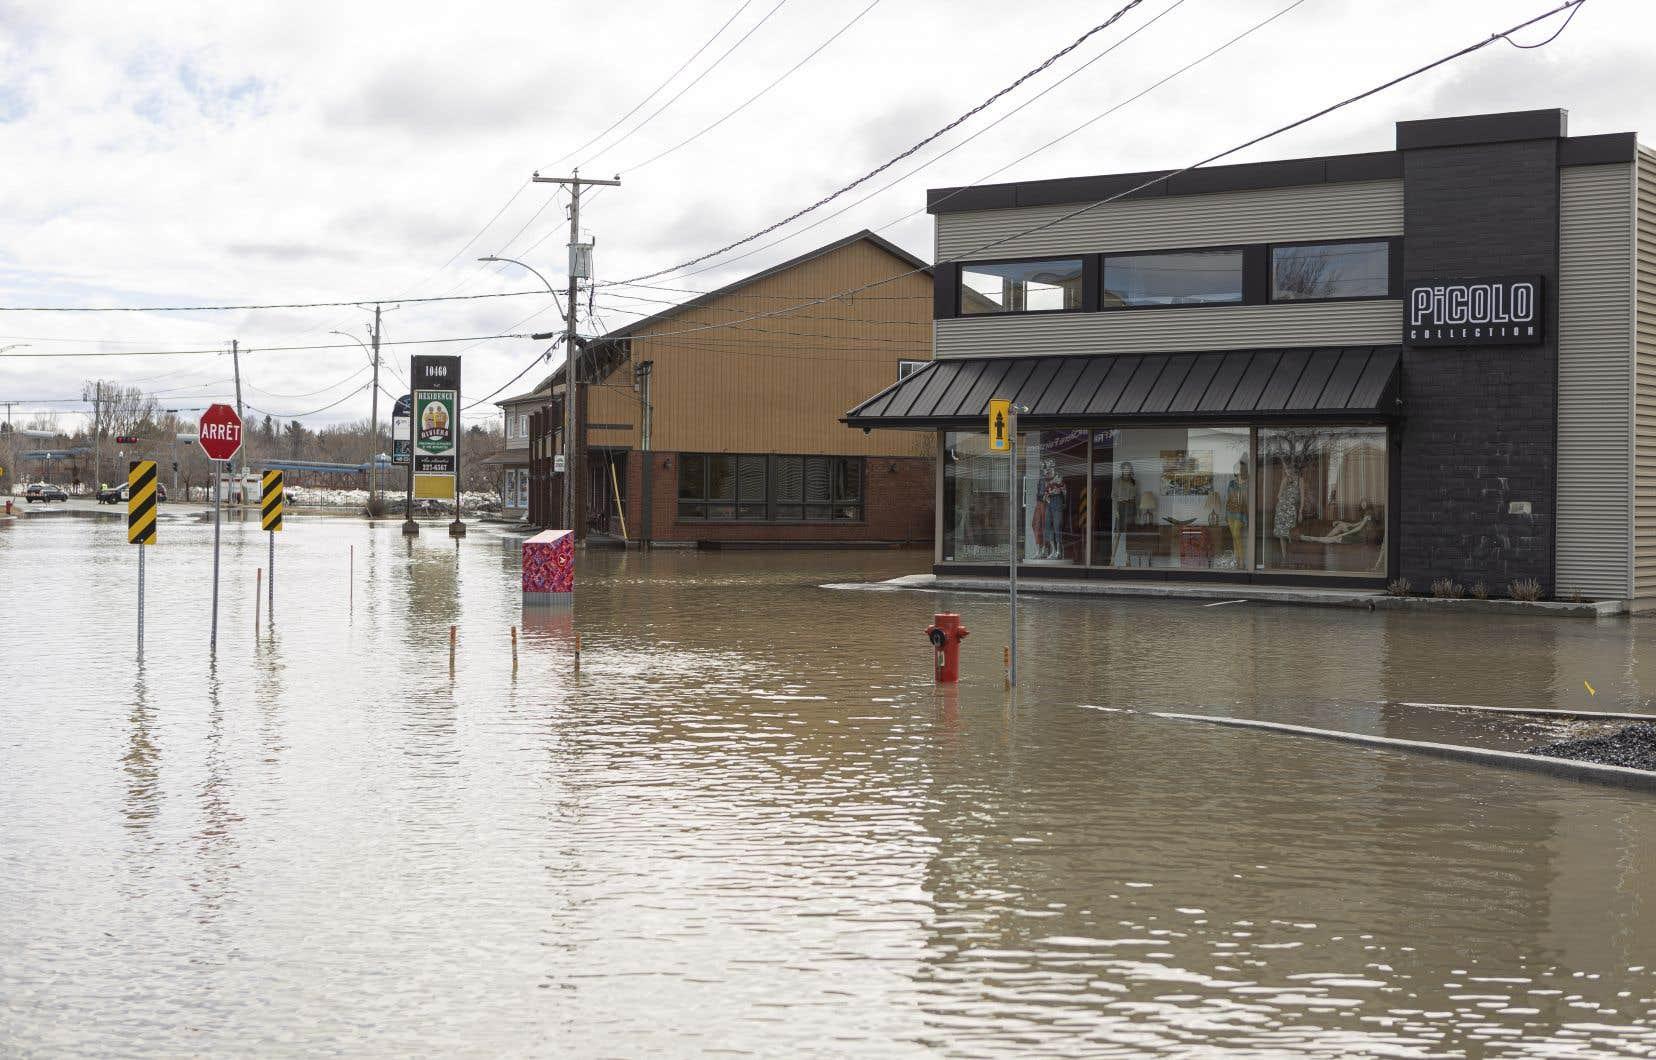 La première avenue de Saint-George, sur le bord de la Chaudière, a été partiellement inondée vendredi.